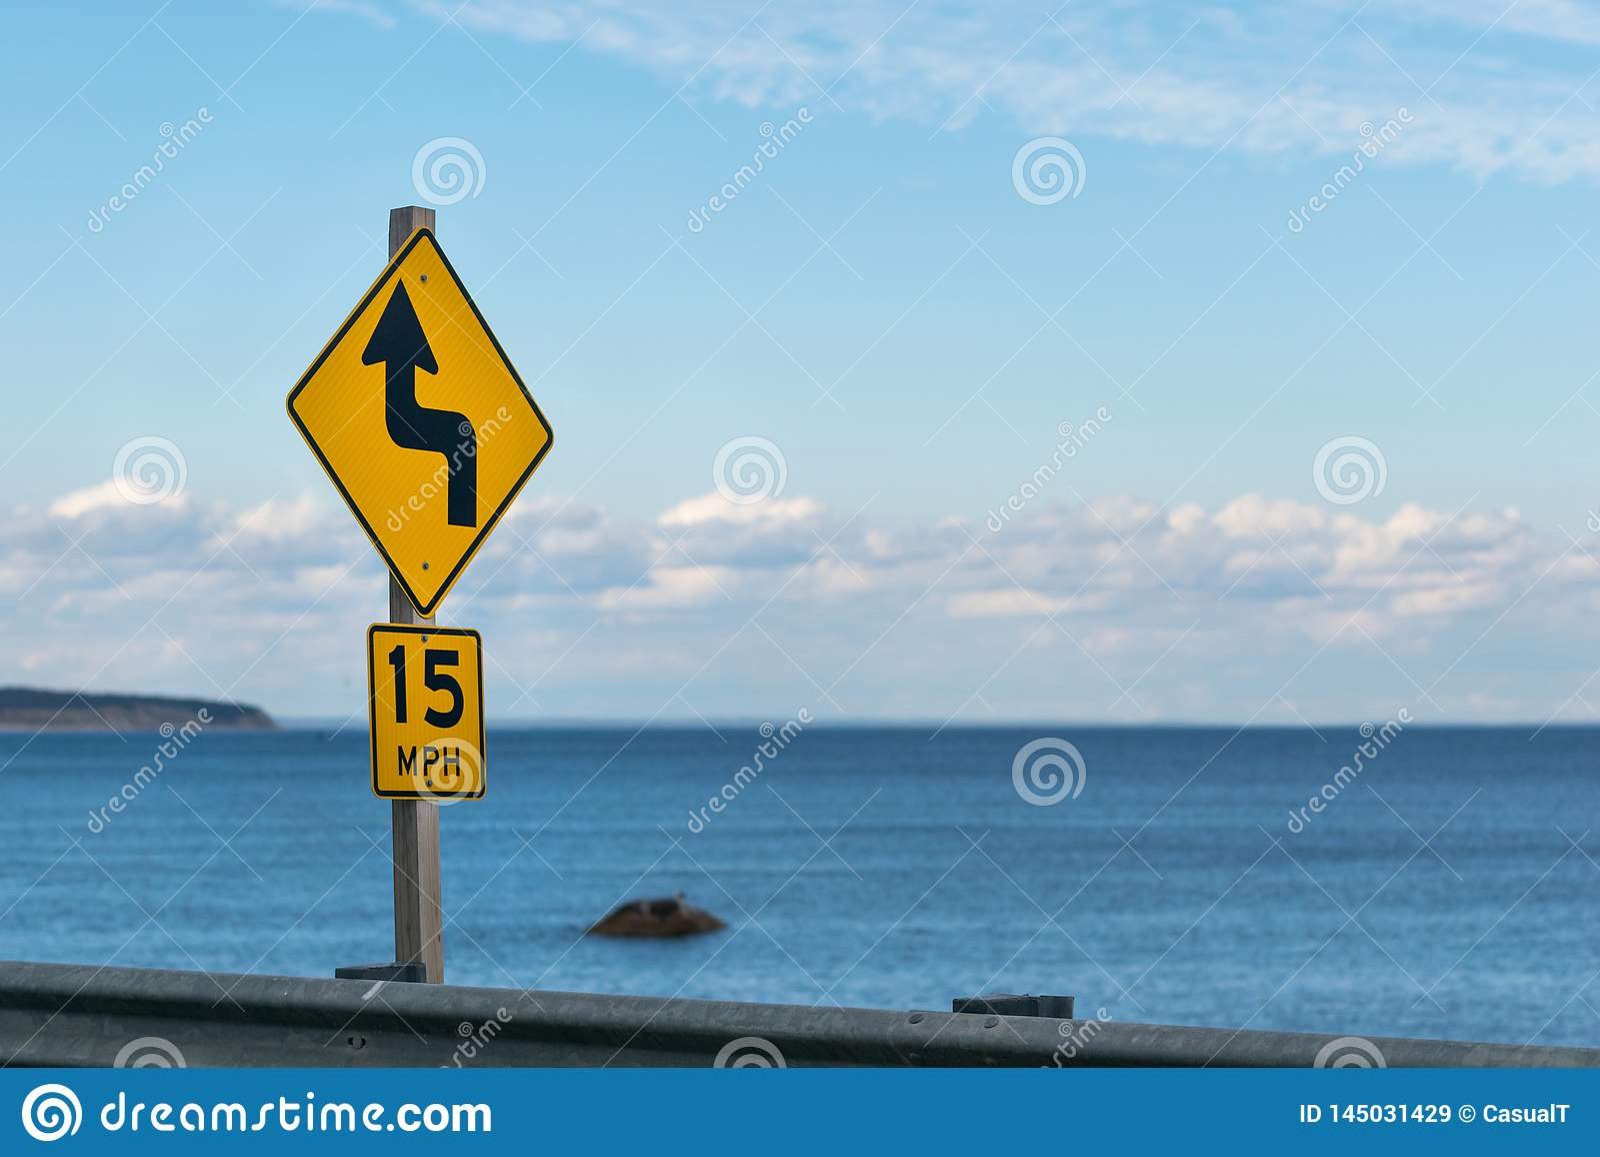 De straatteken van de tempogrens, tegen de horizon en de blauwe hemel op een zonnige dag